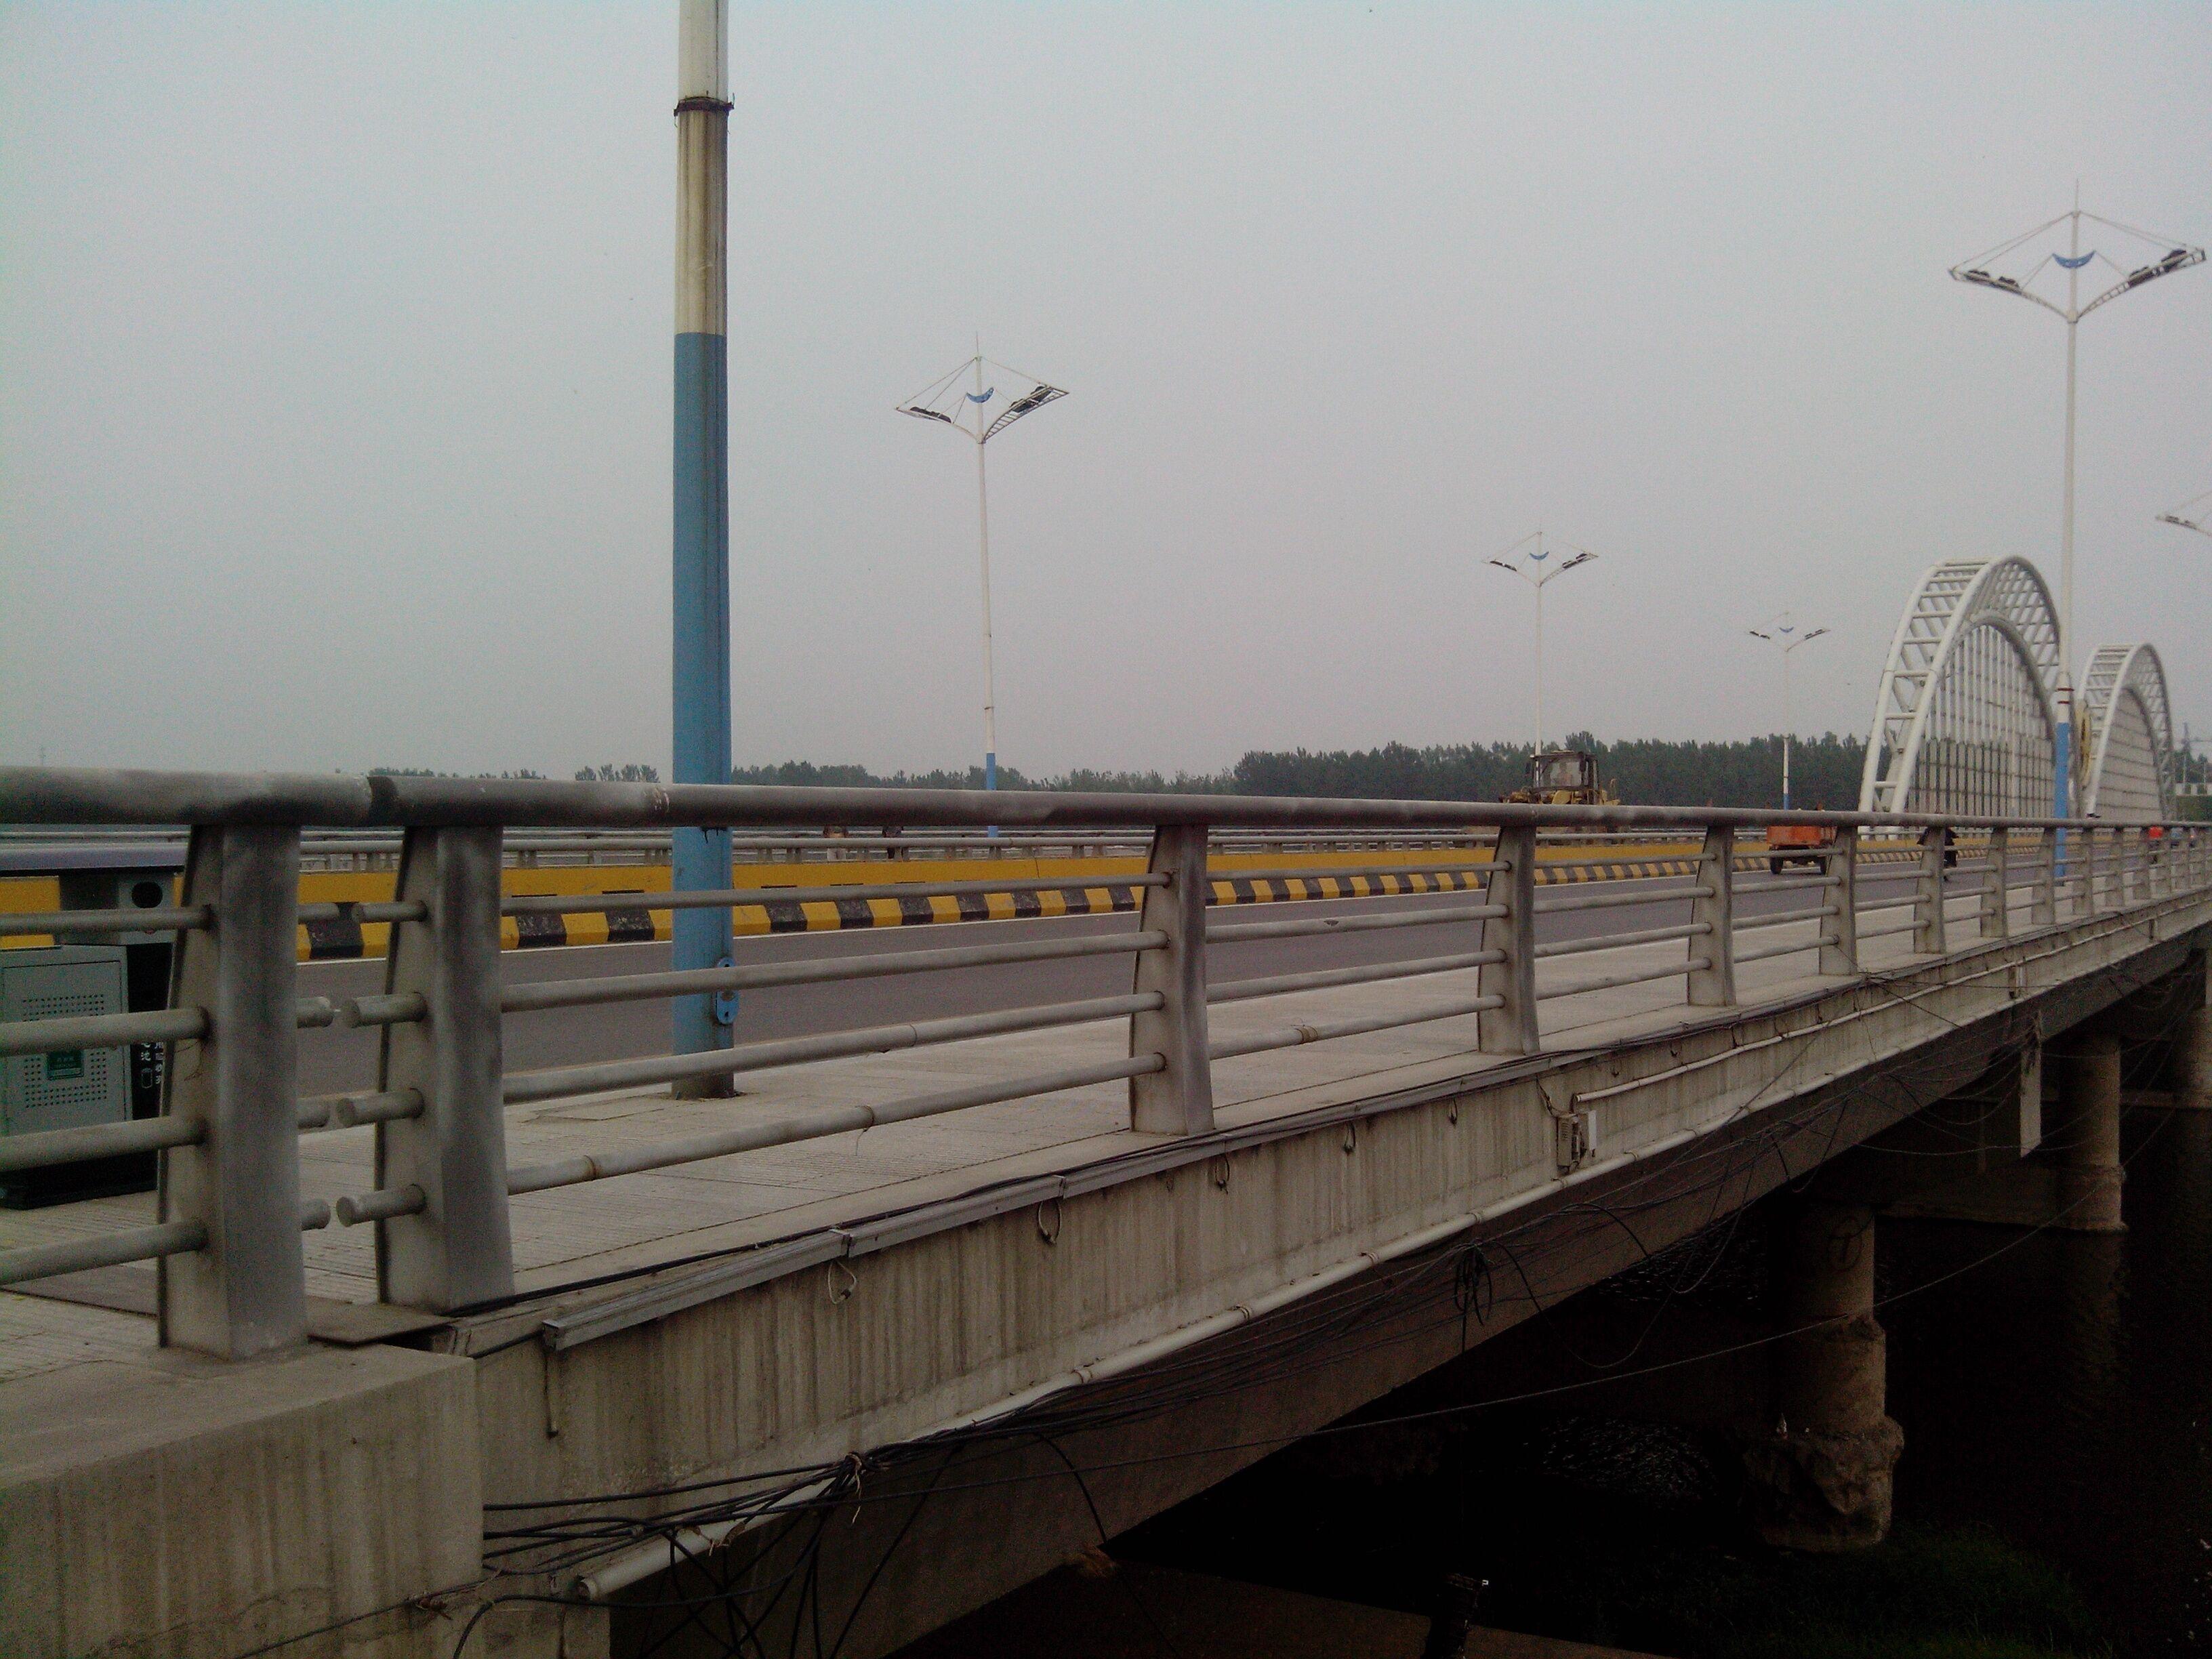 市政防撞护栏辽宁省辽阳市高速桥梁防撞护栏市场图片